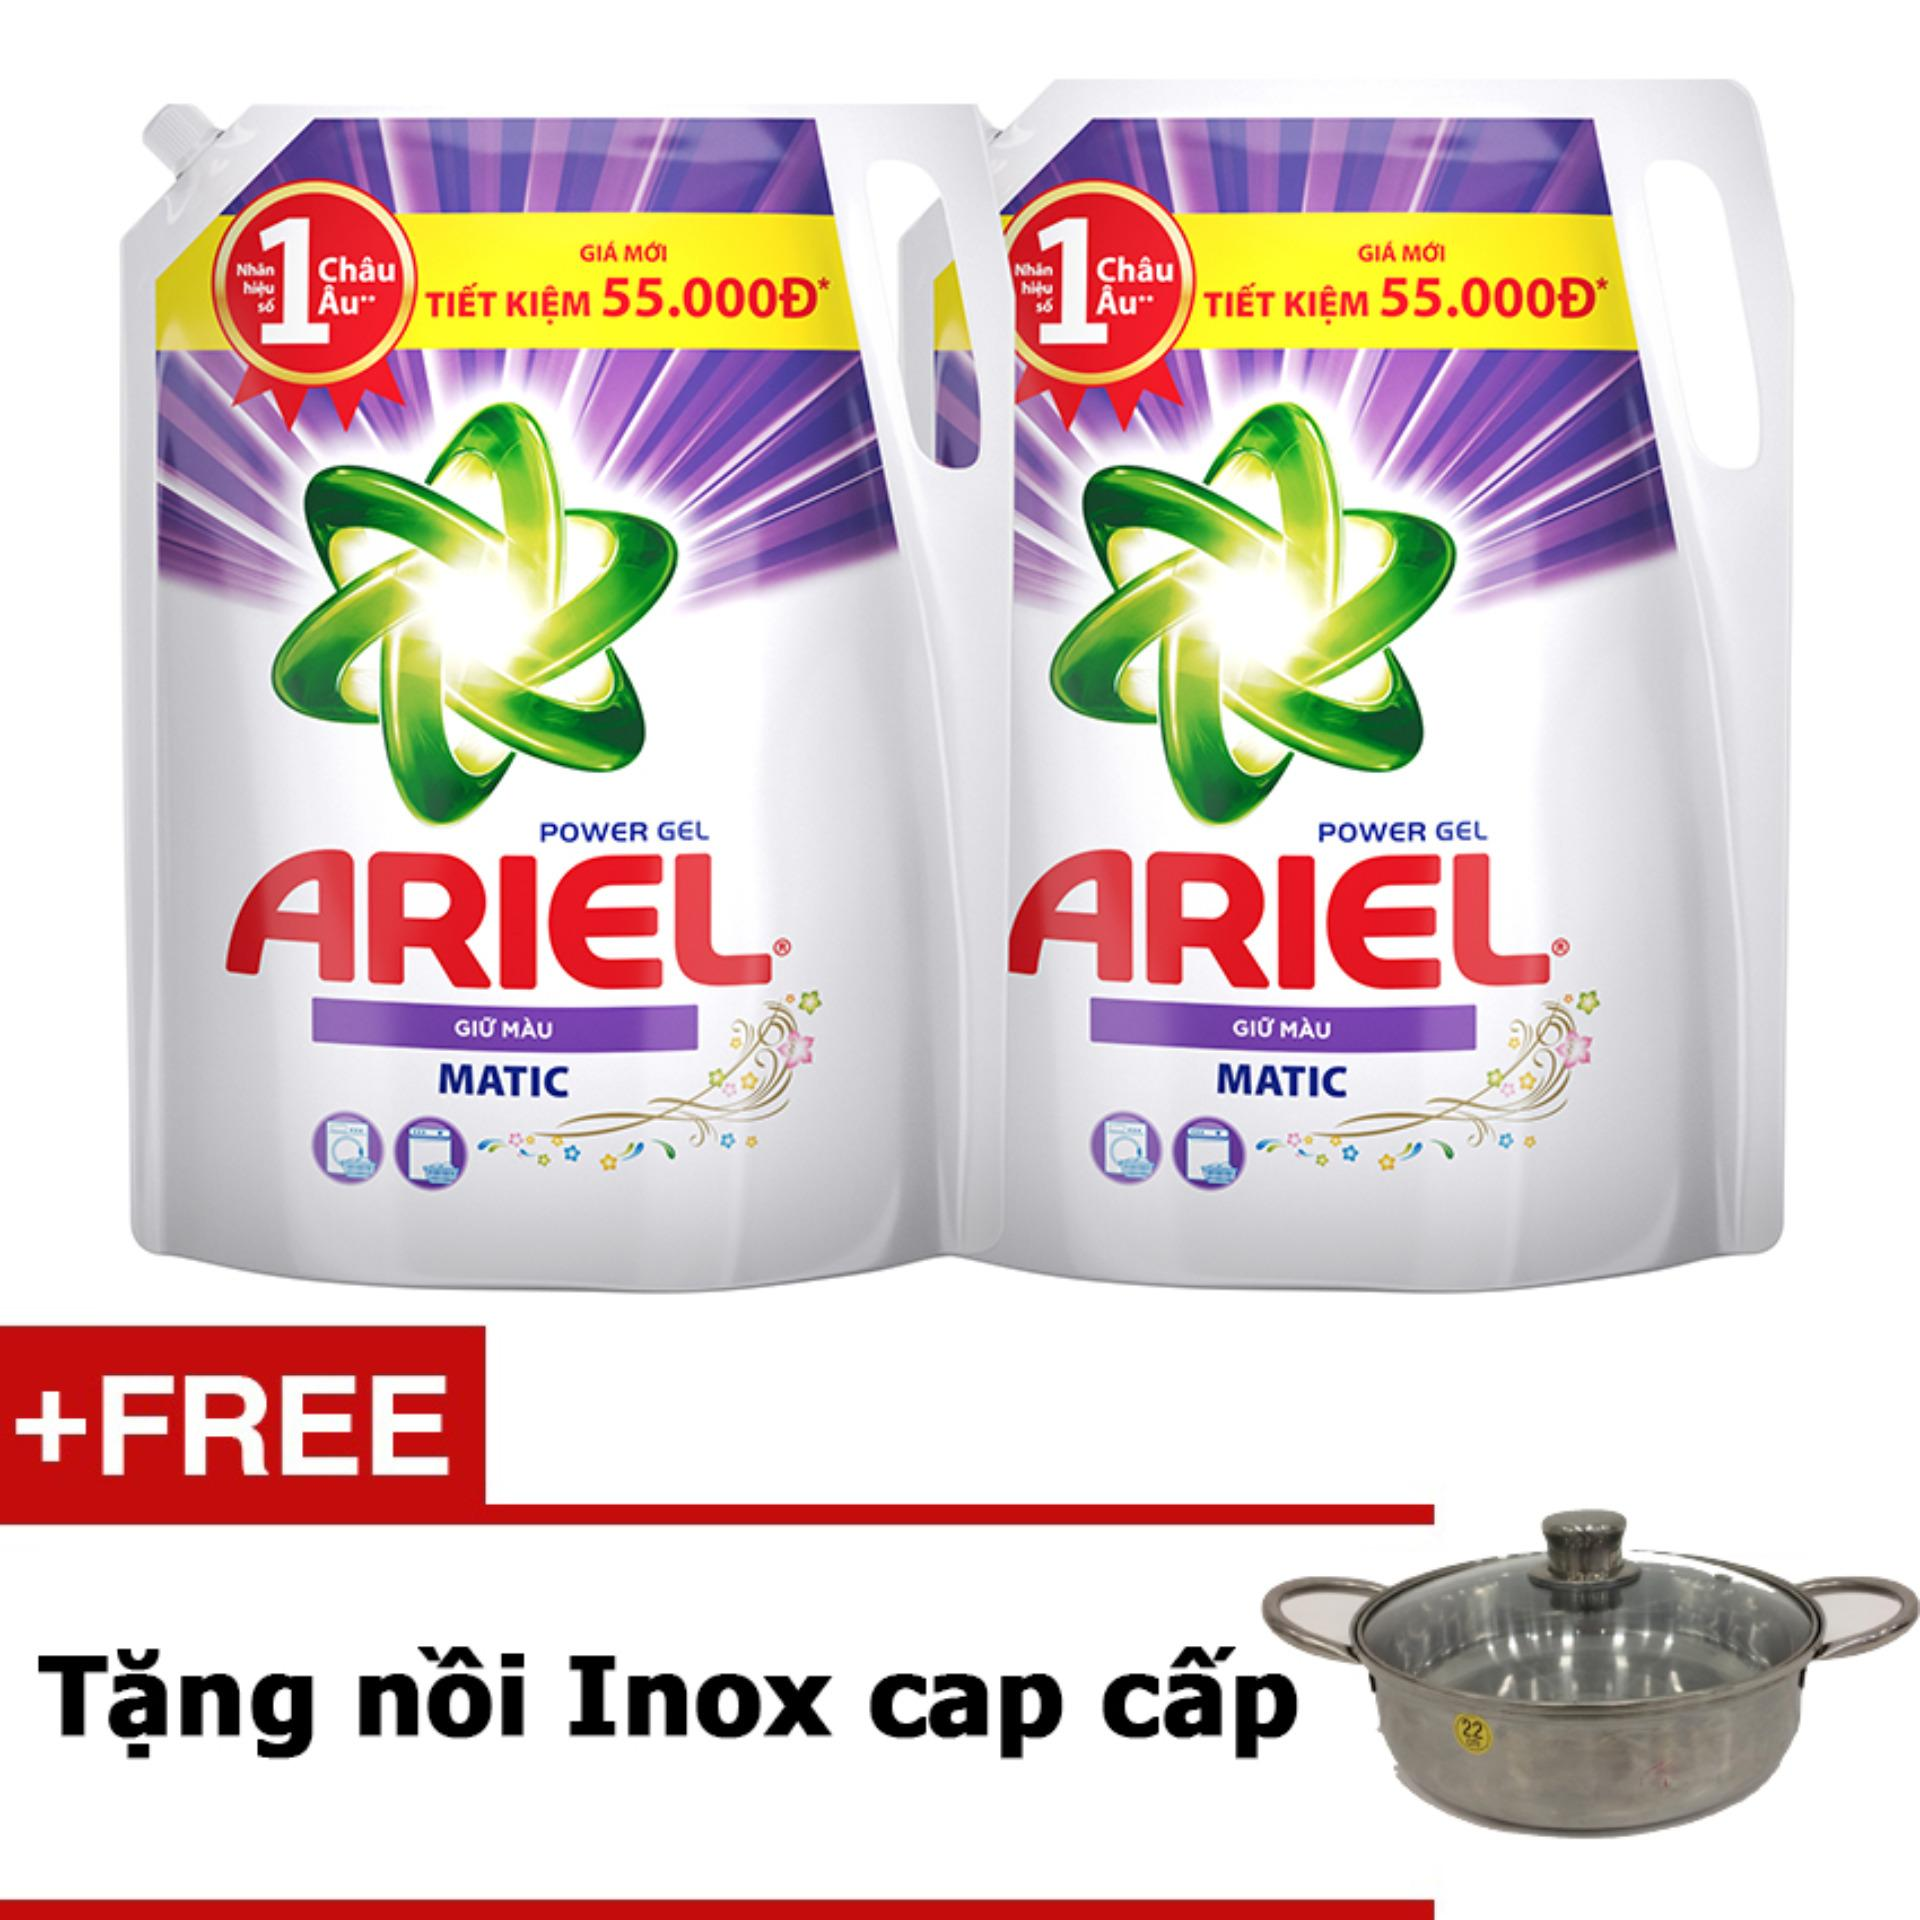 Bộ 2 Nước giặt Ariel Giữ Màu gói 2.4kg tặng nồi Inox cao cấp